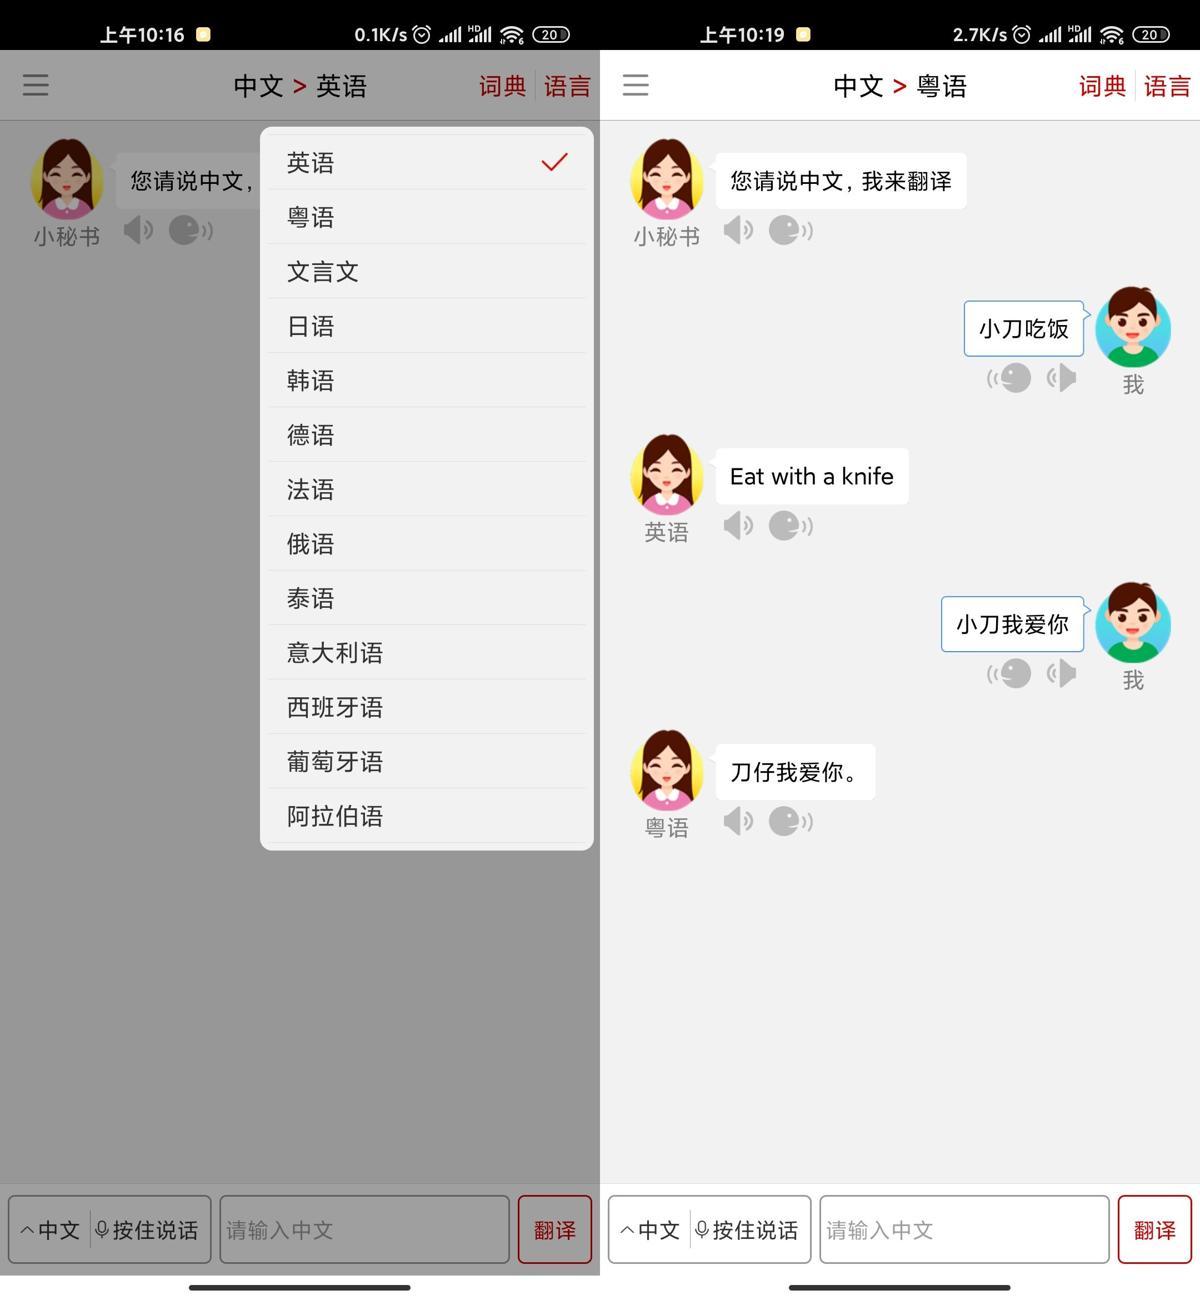 安卓同声翻译v5.2.2超级版,解锁VIP!清爽免广告,去后续升级